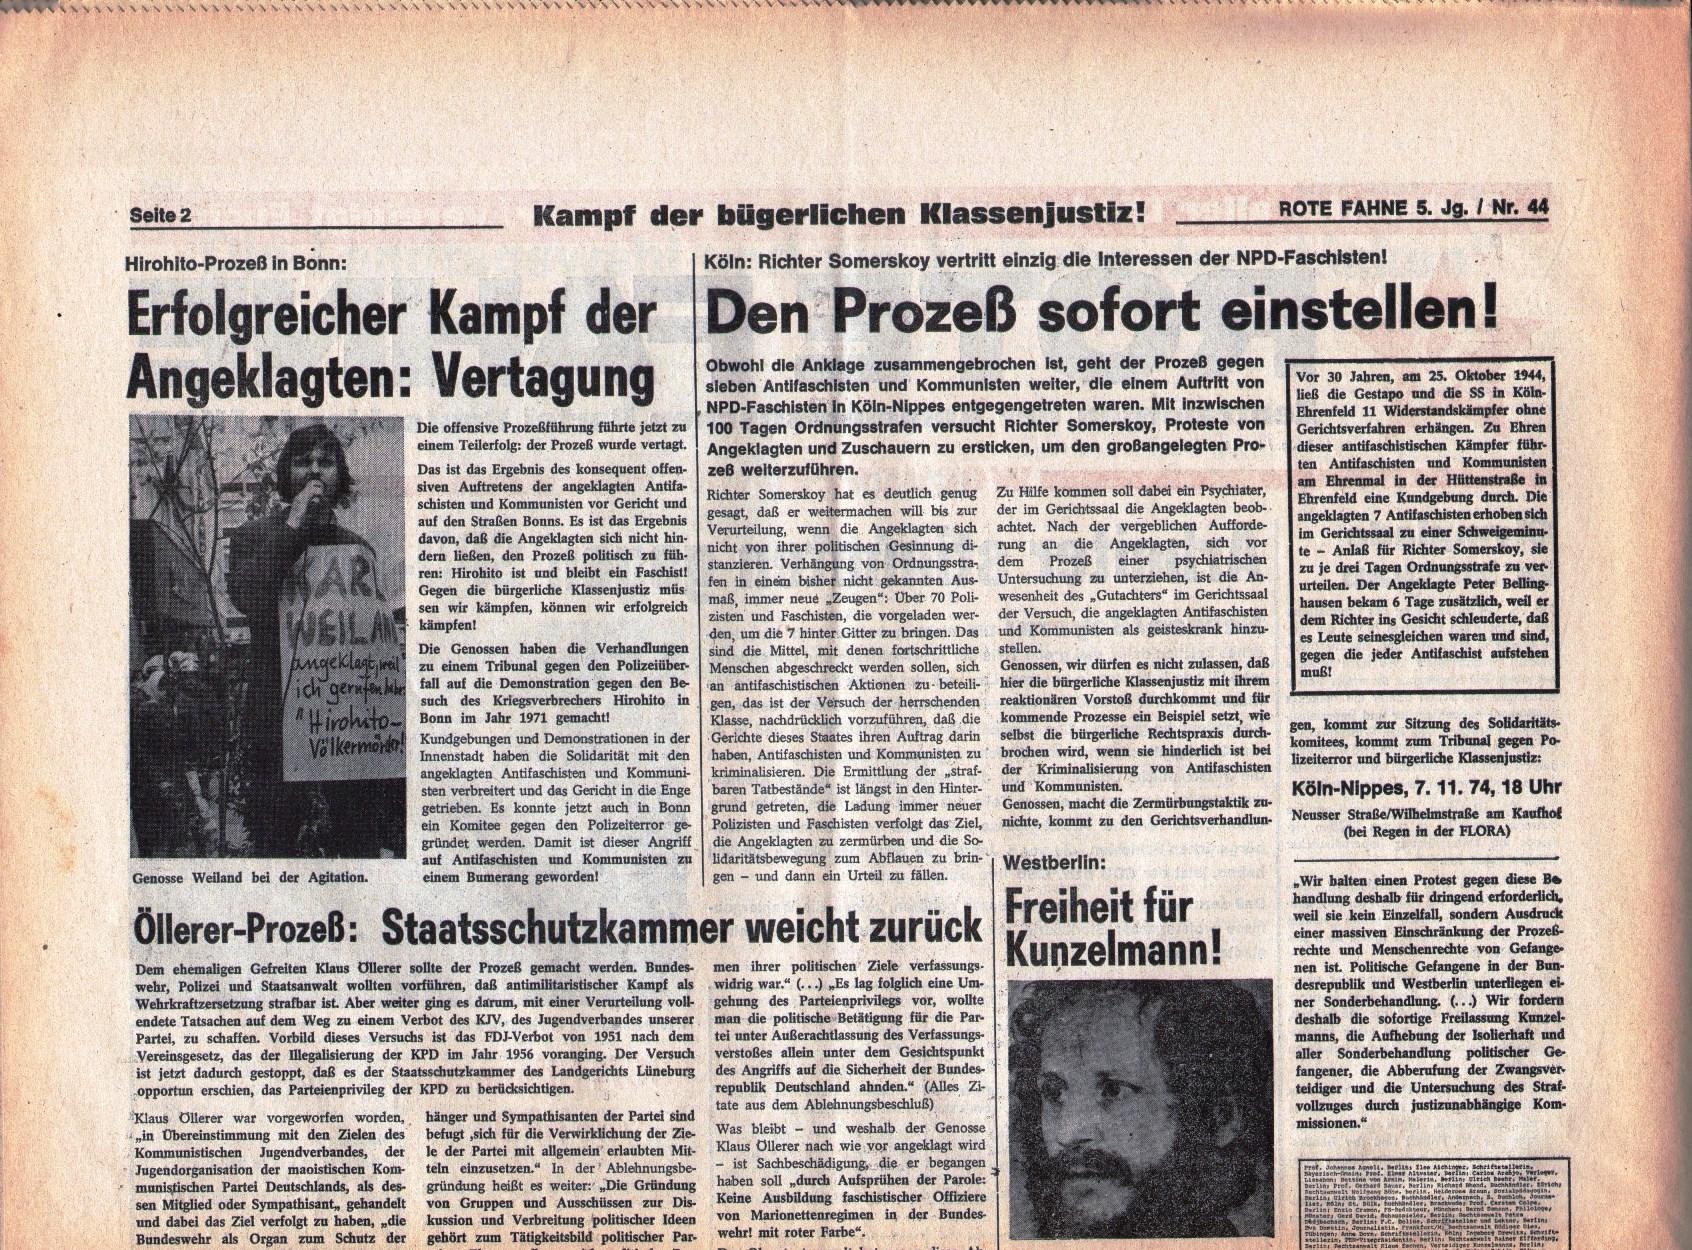 KPD_Rote_Fahne_1974_44_03